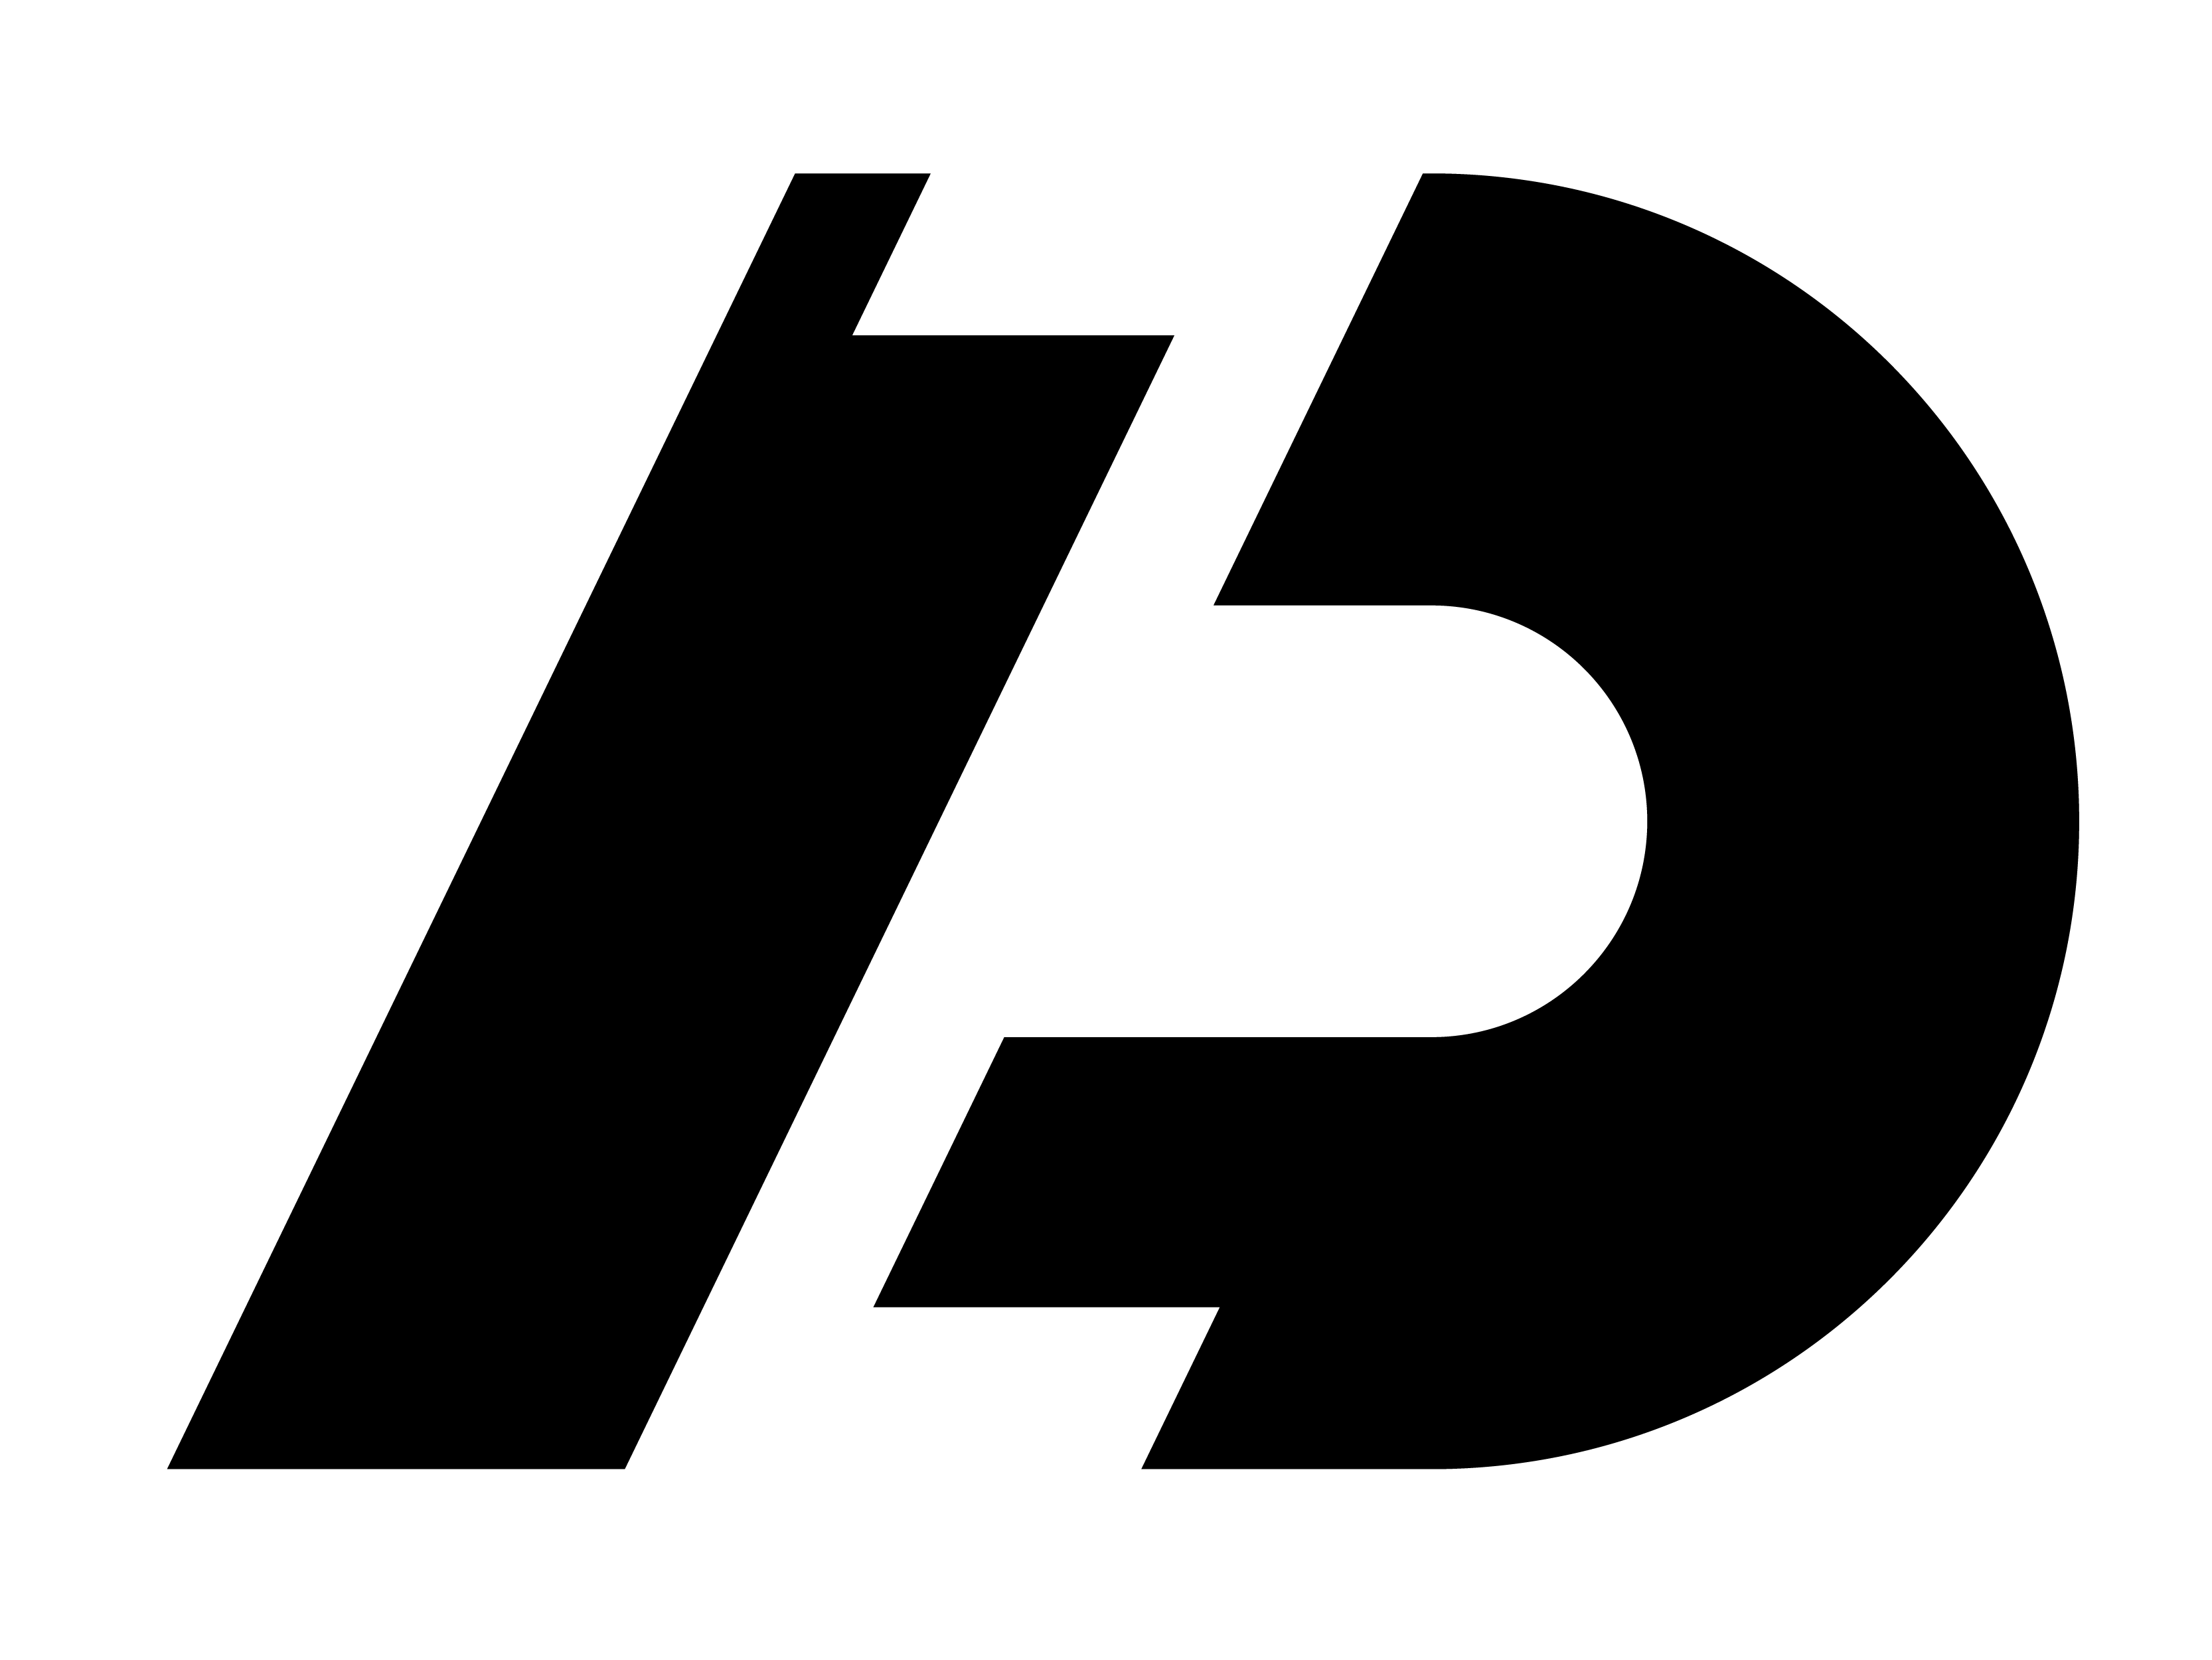 DZETA